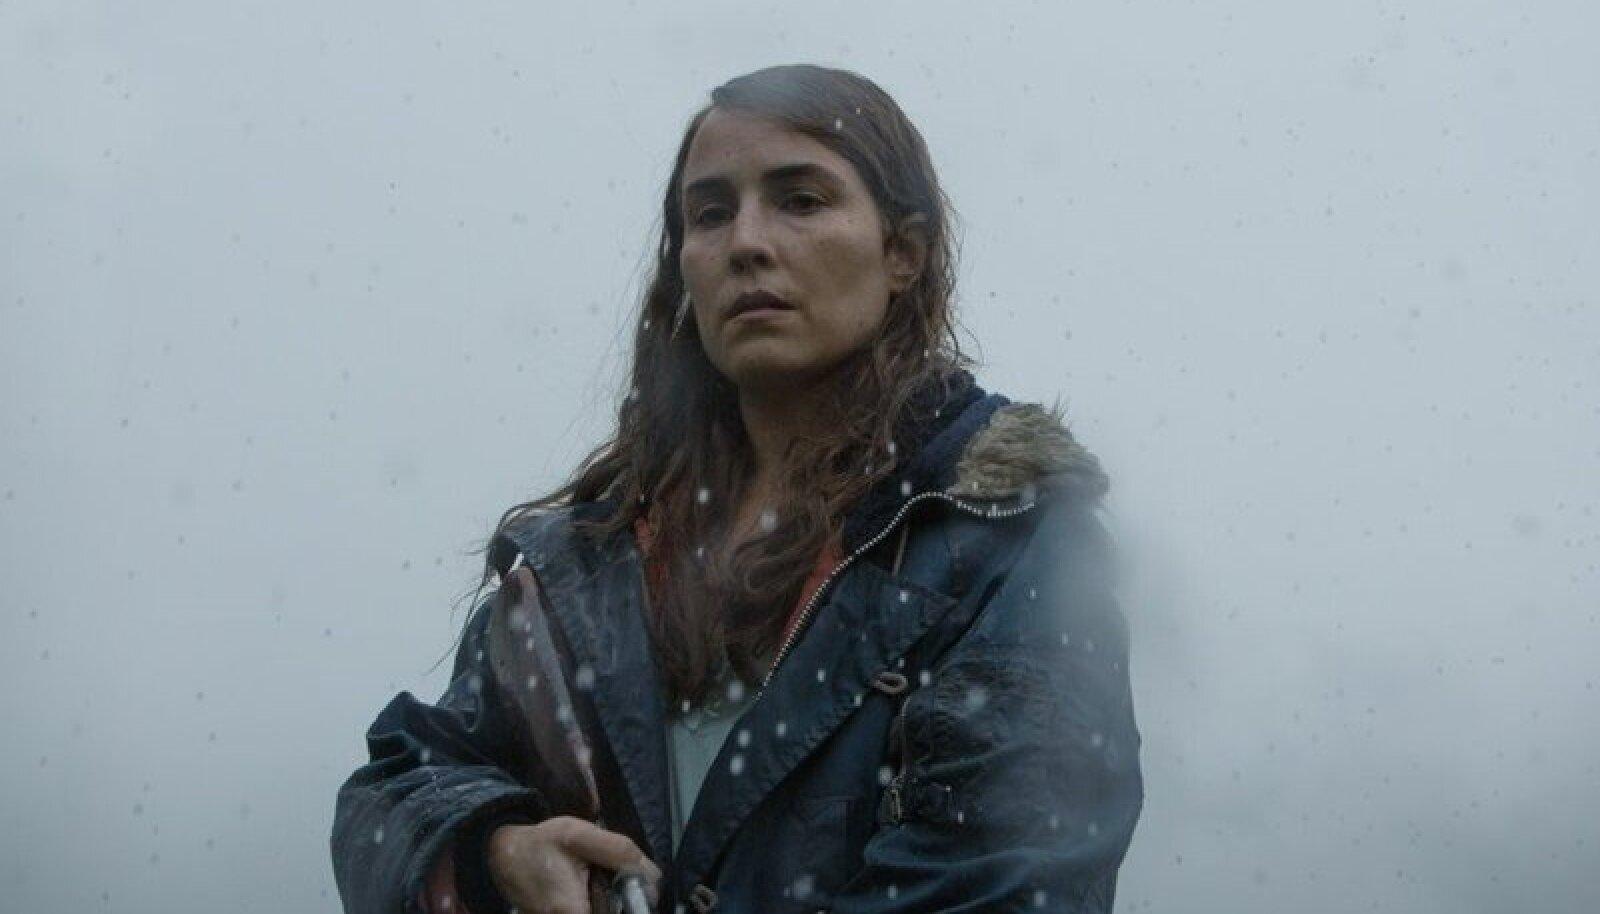 """KÕHEDUS ISLANDI MOODI: """"Lohetätoveeringuga tüdrukuna"""" kogu maailmas tuntuks saanud rootsi näitleja Noomi Rapace lapse kaotanud ema rollis filmis """"Lambuke""""."""